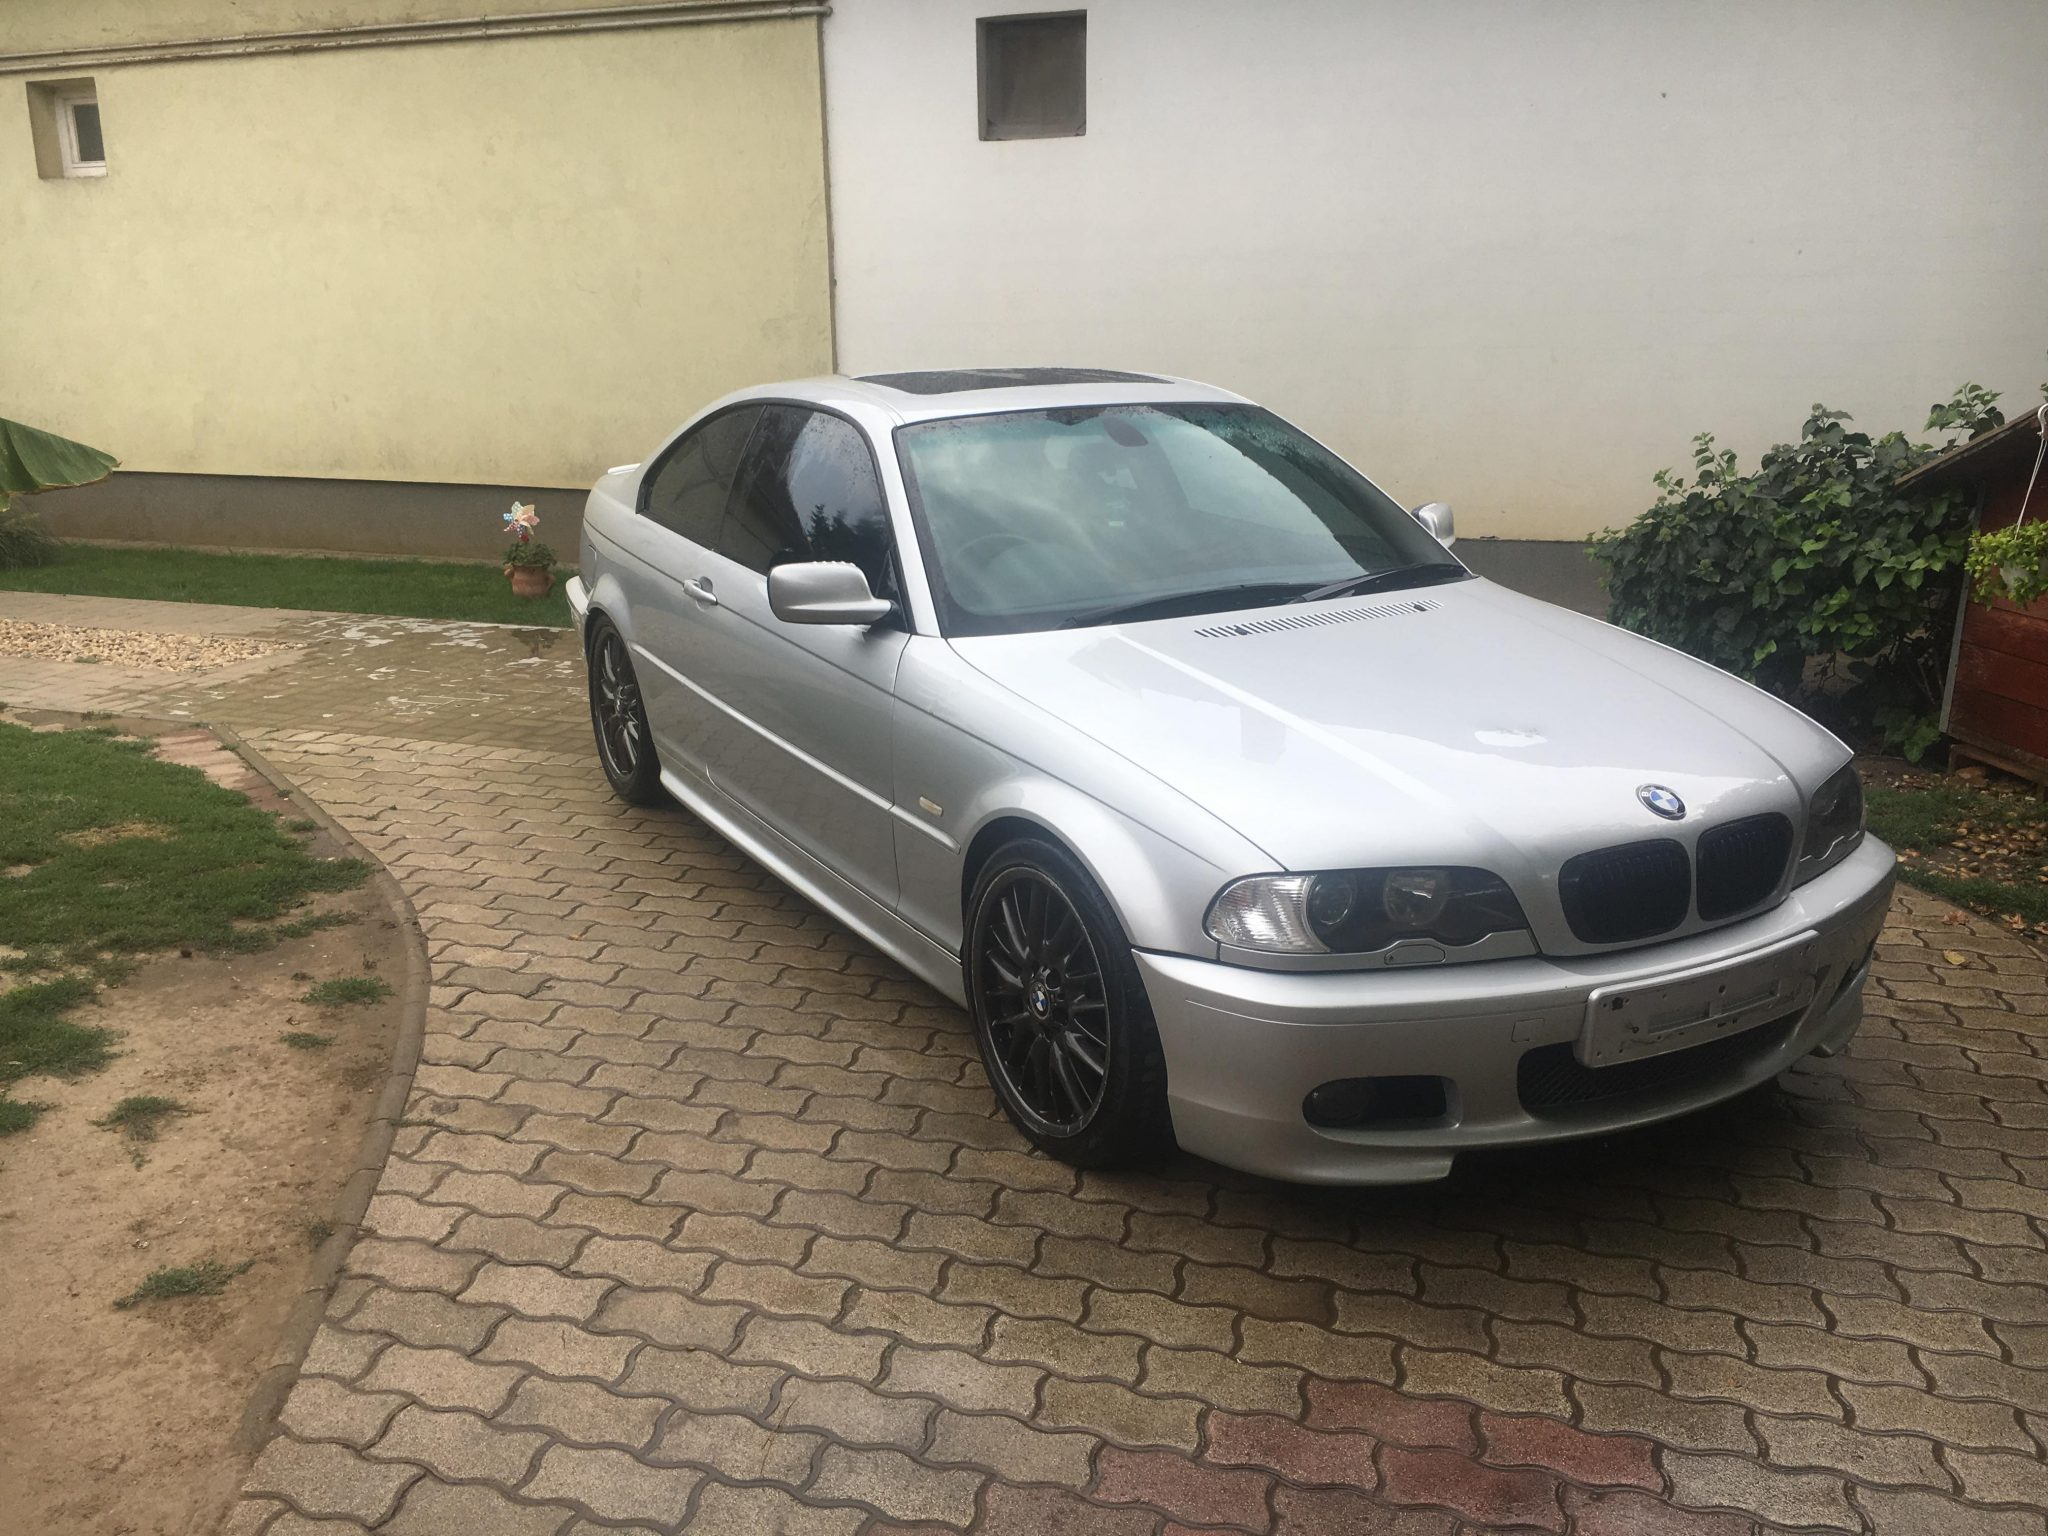 BMW E46 330ci alkatrészek Carbon Car Center Kft Békéscsaba-4